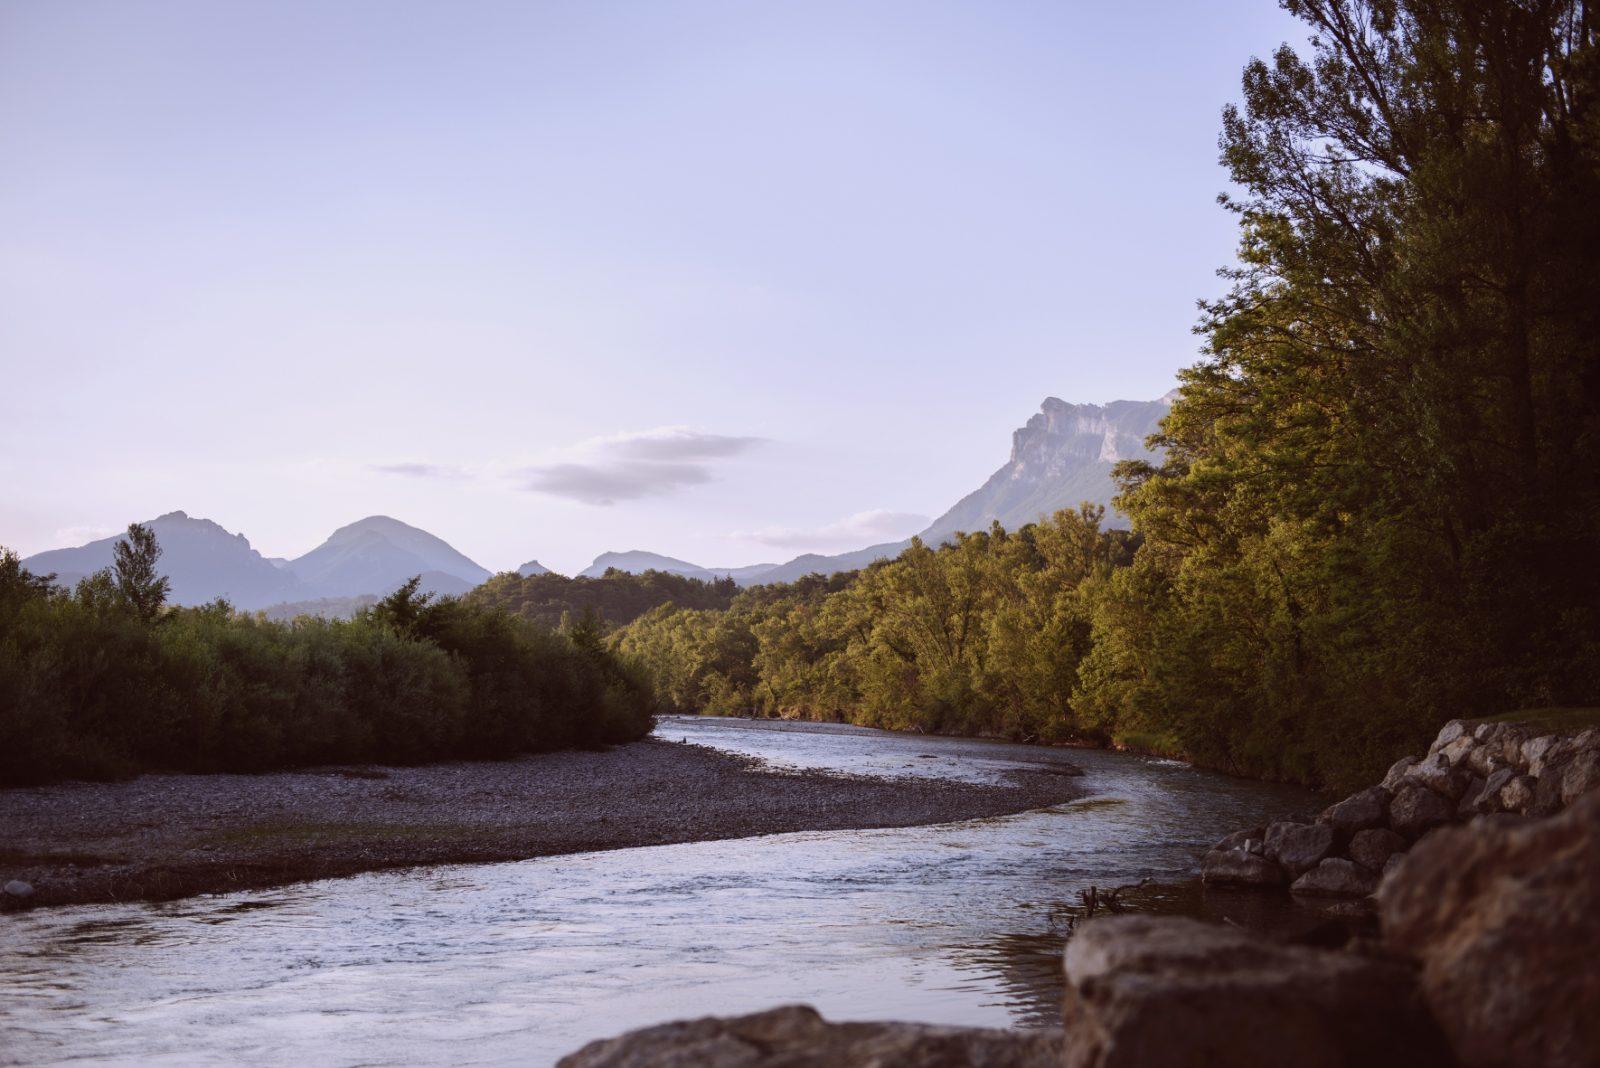 Les Chamberts-Camping et Lodges et sa rivière drôme